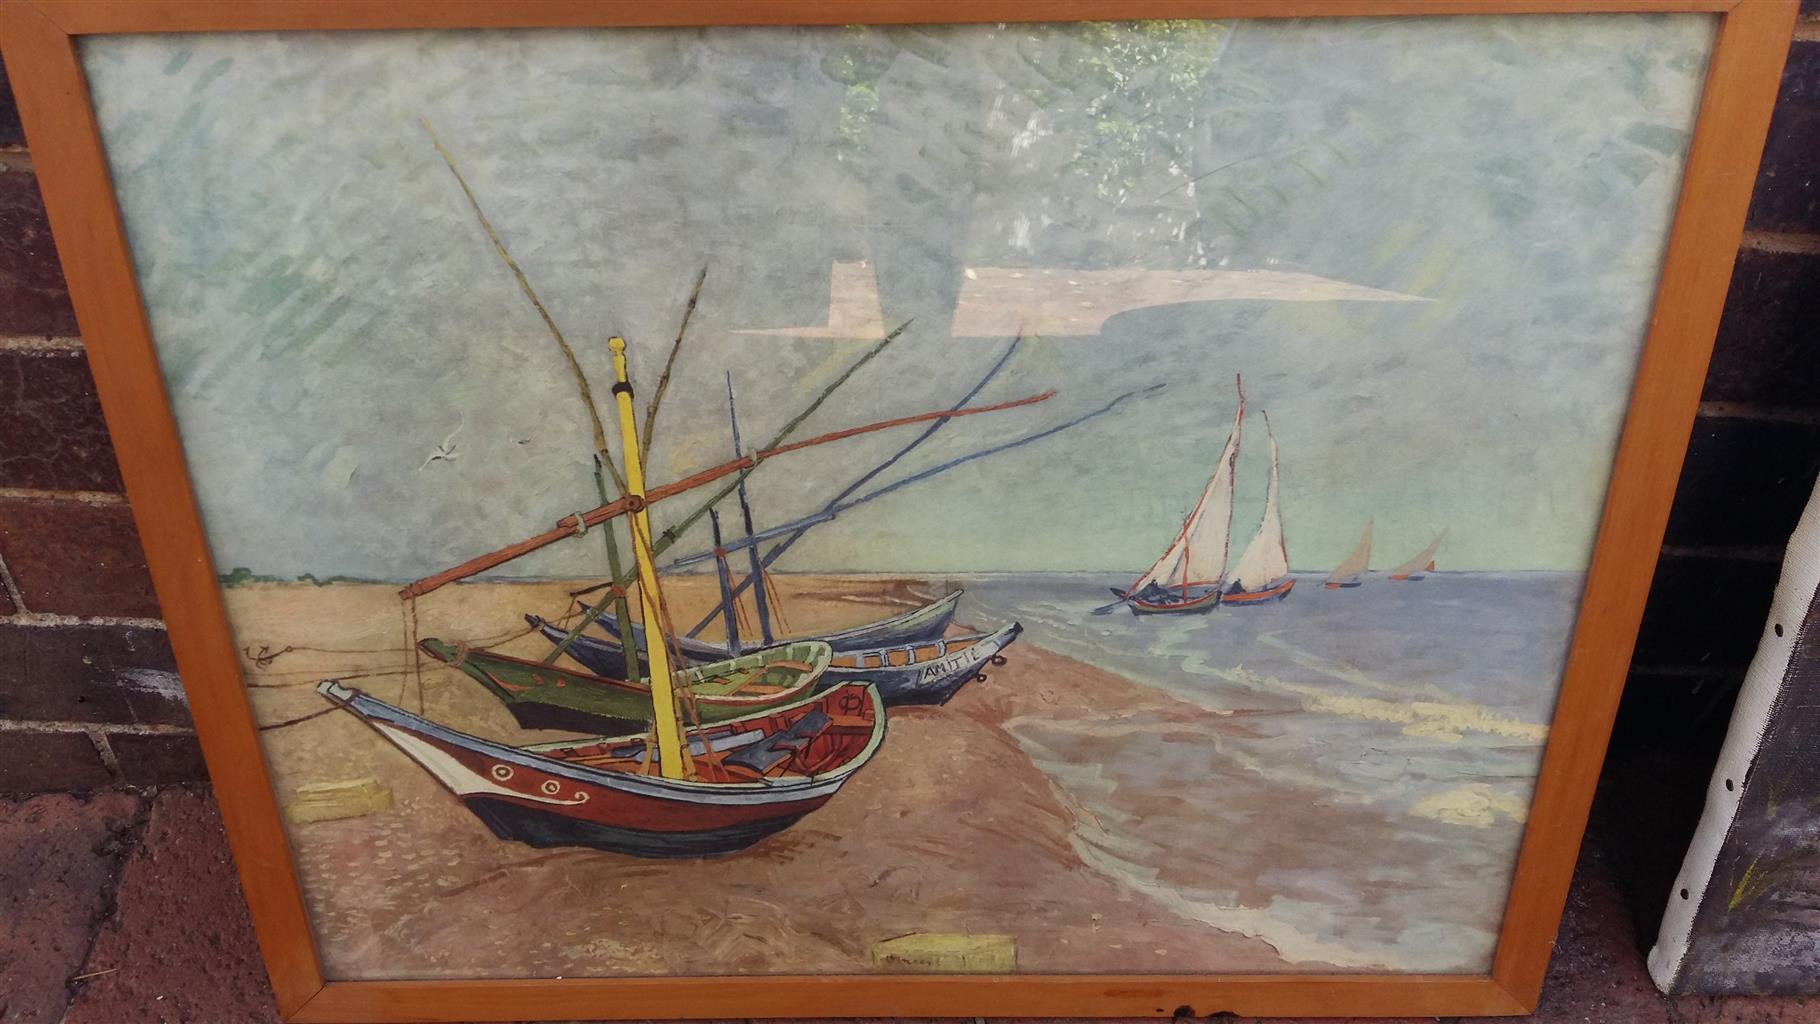 """Vincent van Gogh's """"Fishing Boats on the beach at Saintes-Maries-de-la-Mer"""""""